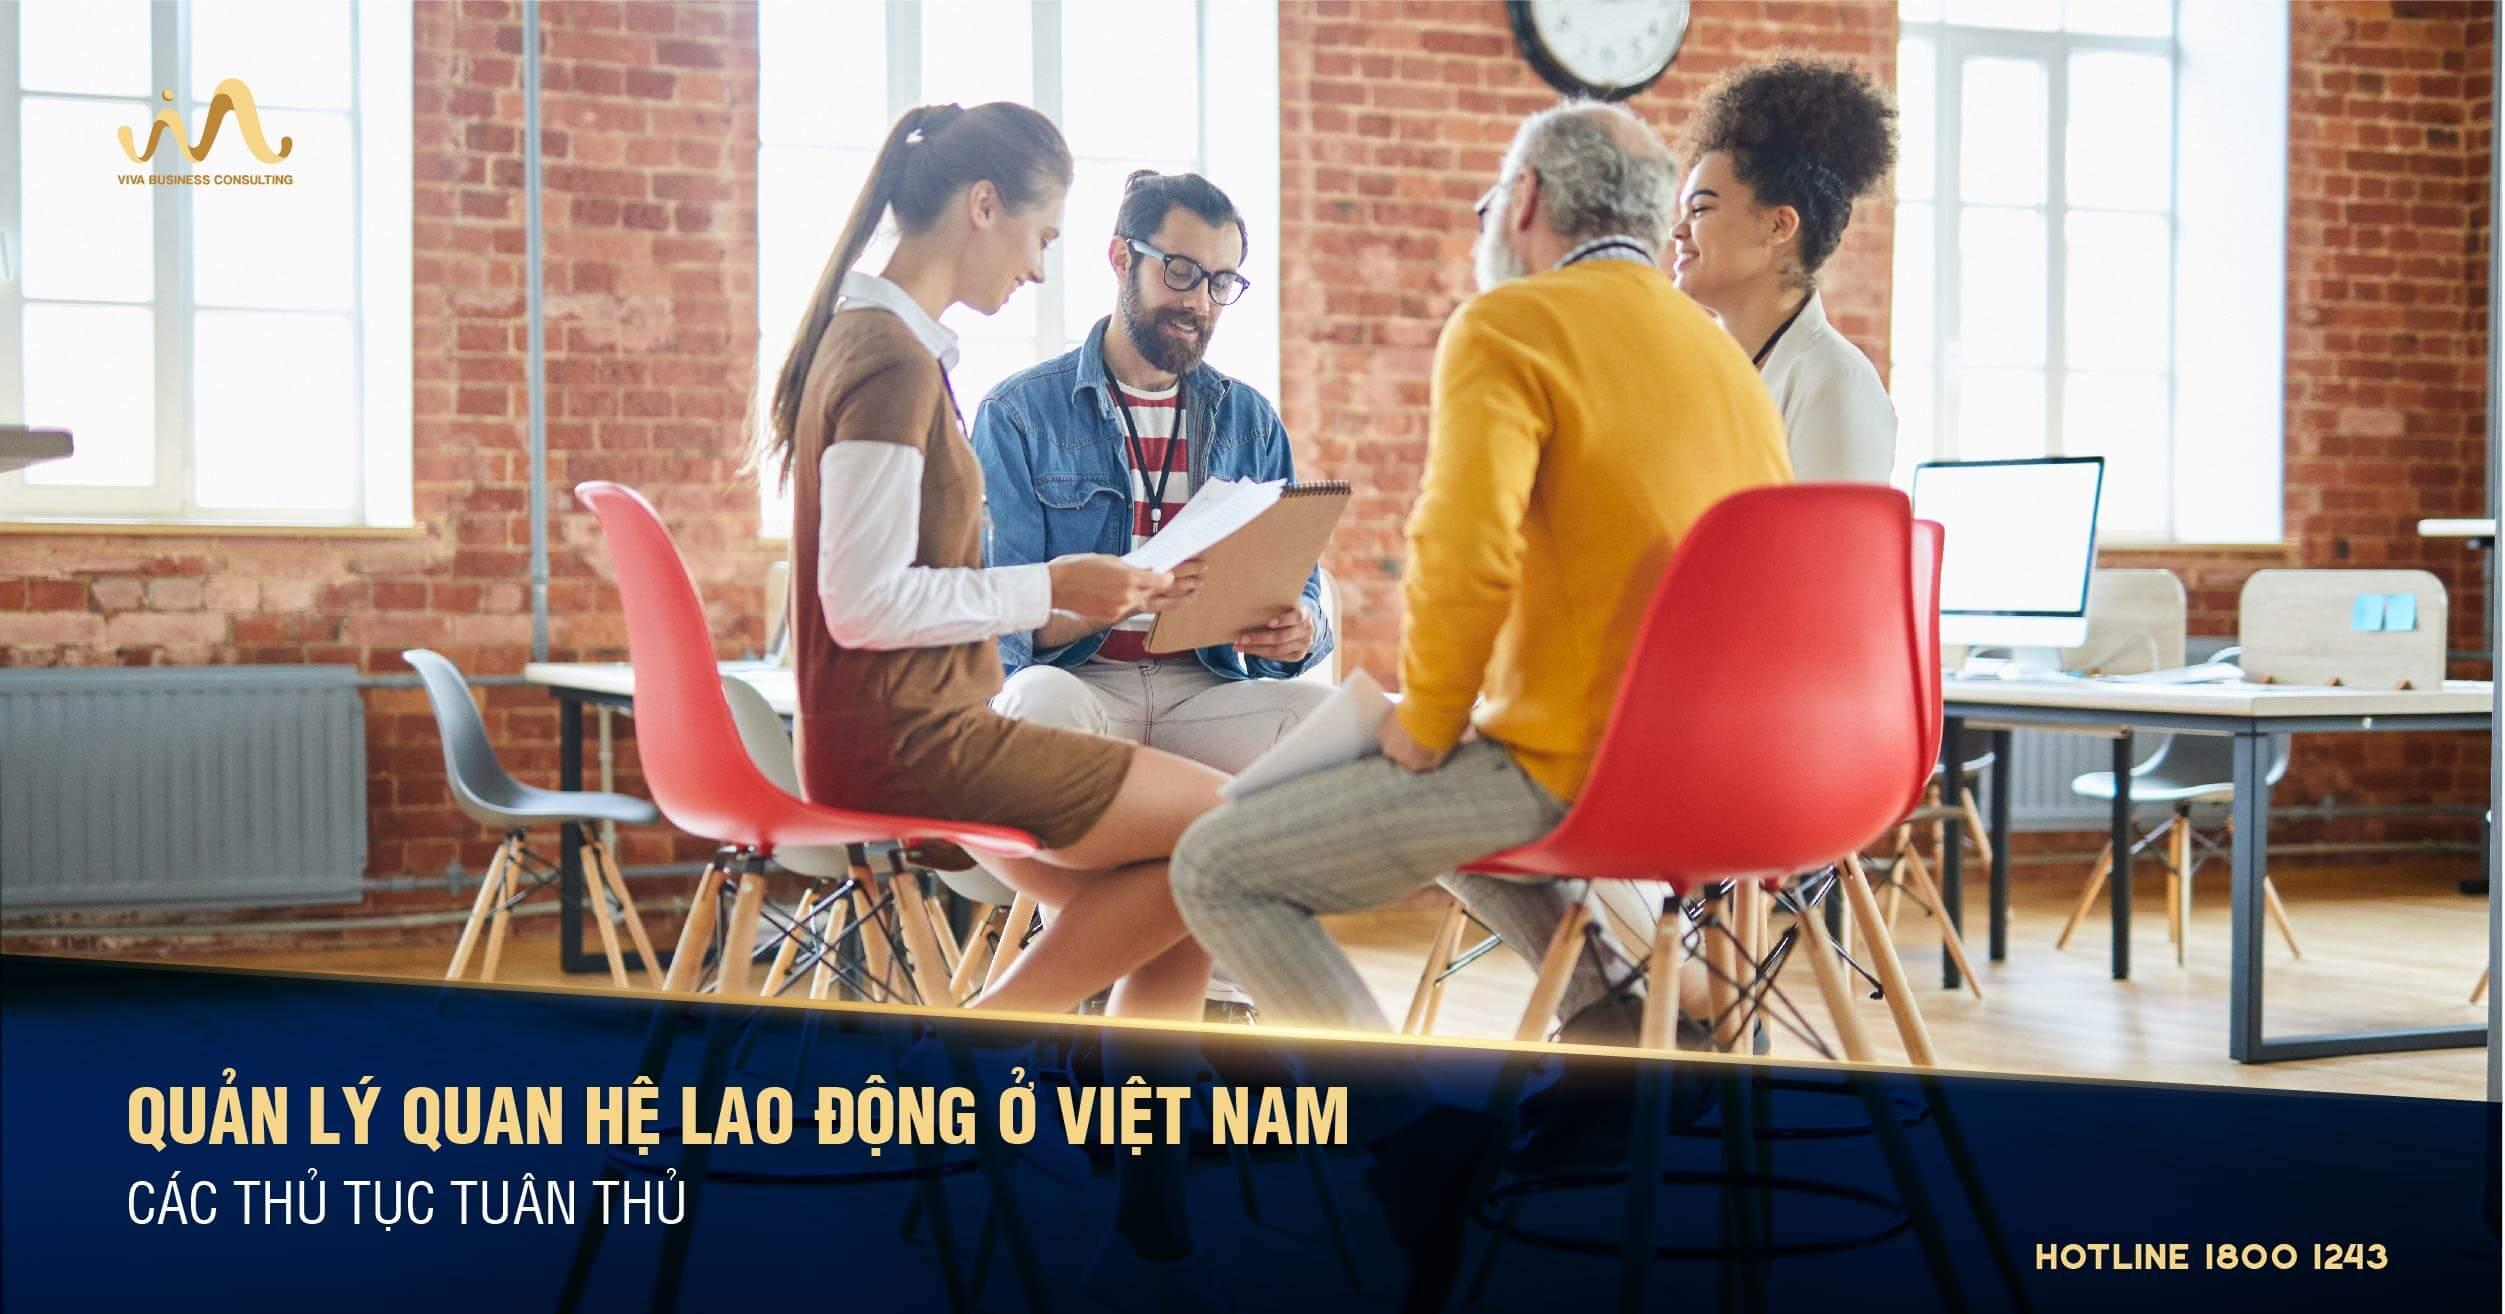 Quản lý quan hệ lao động ở Việt Nam